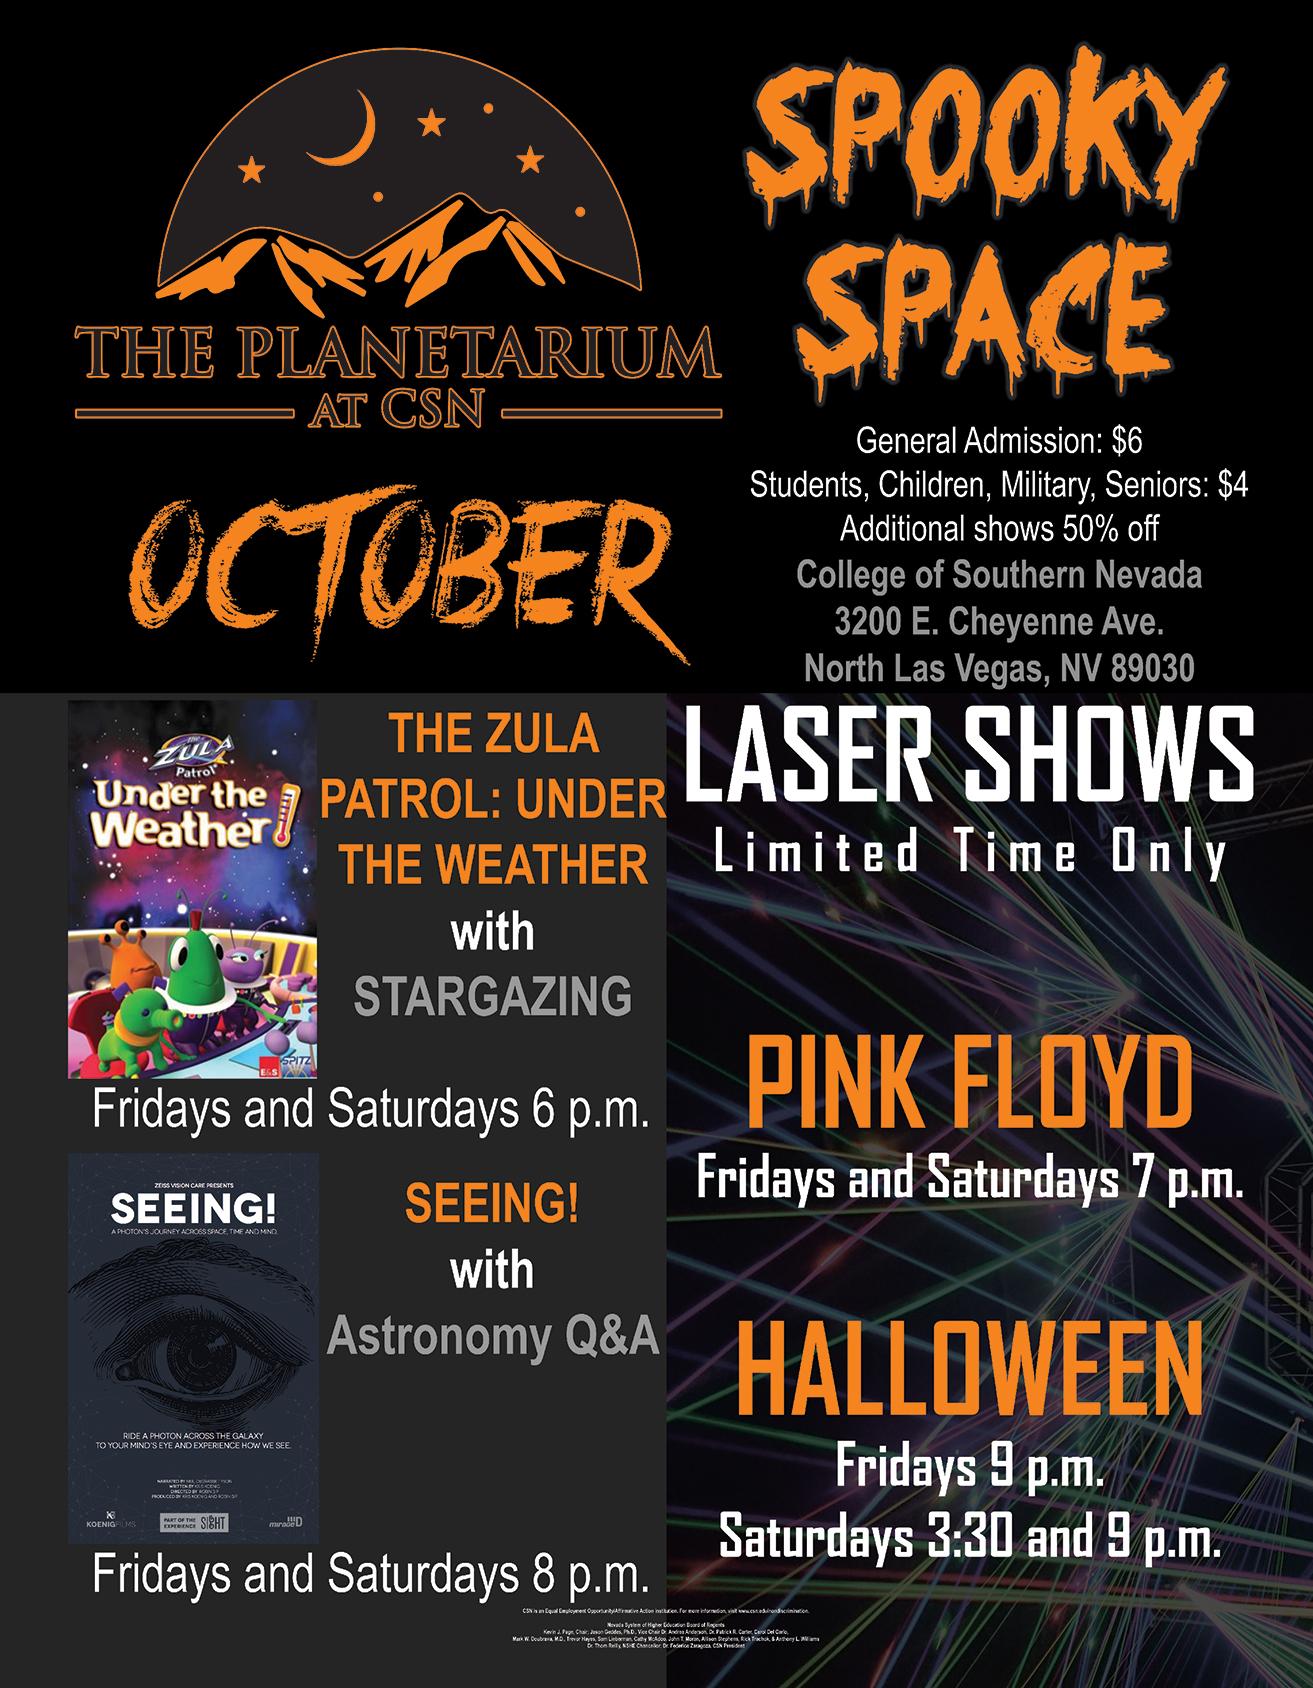 October Planetarium Schedule Flyer